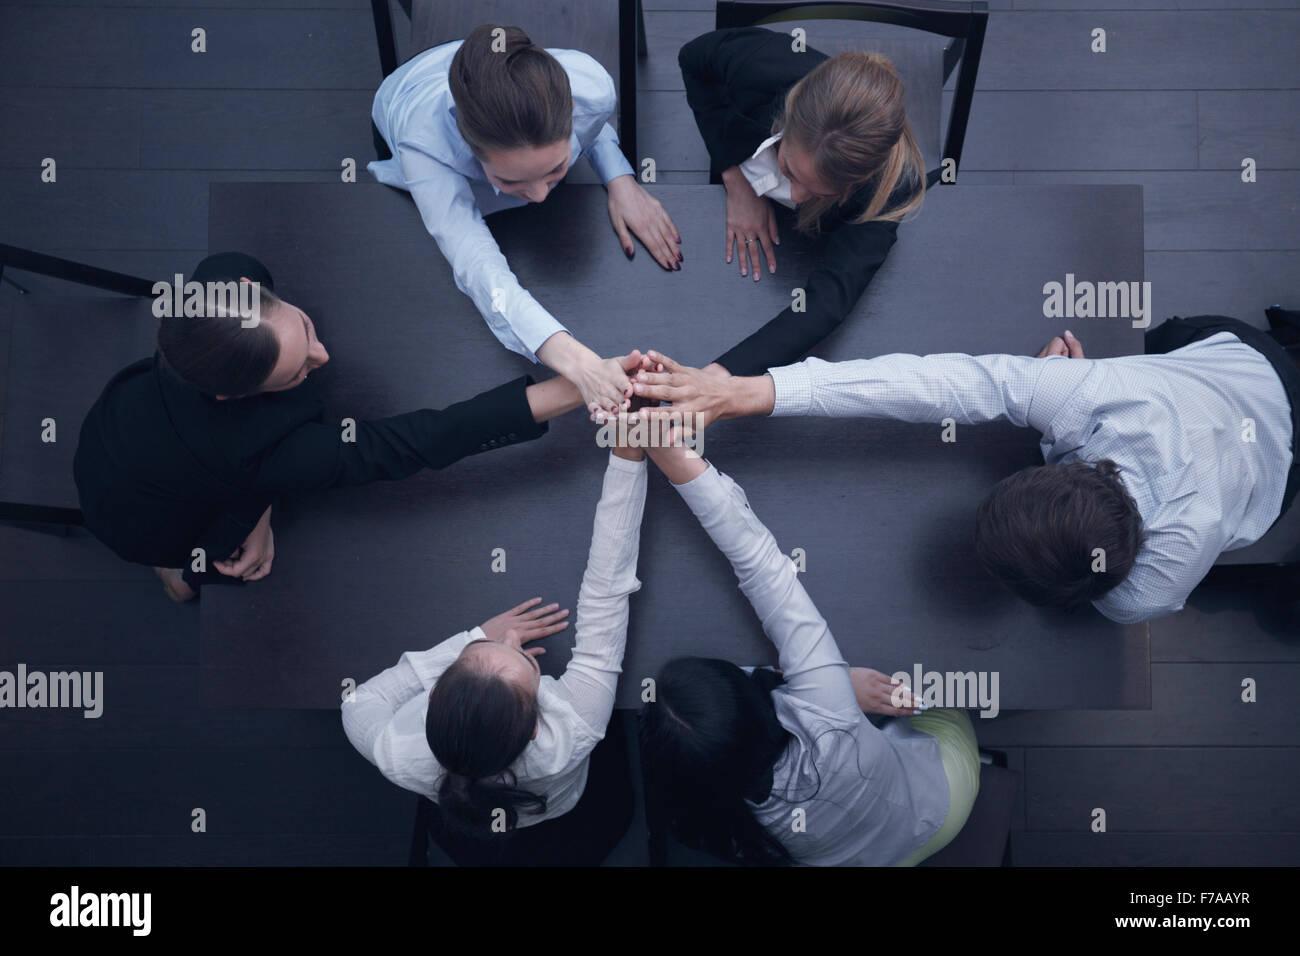 Le persone con le loro mani insieme. Team aziendale concetto di lavoro Immagini Stock